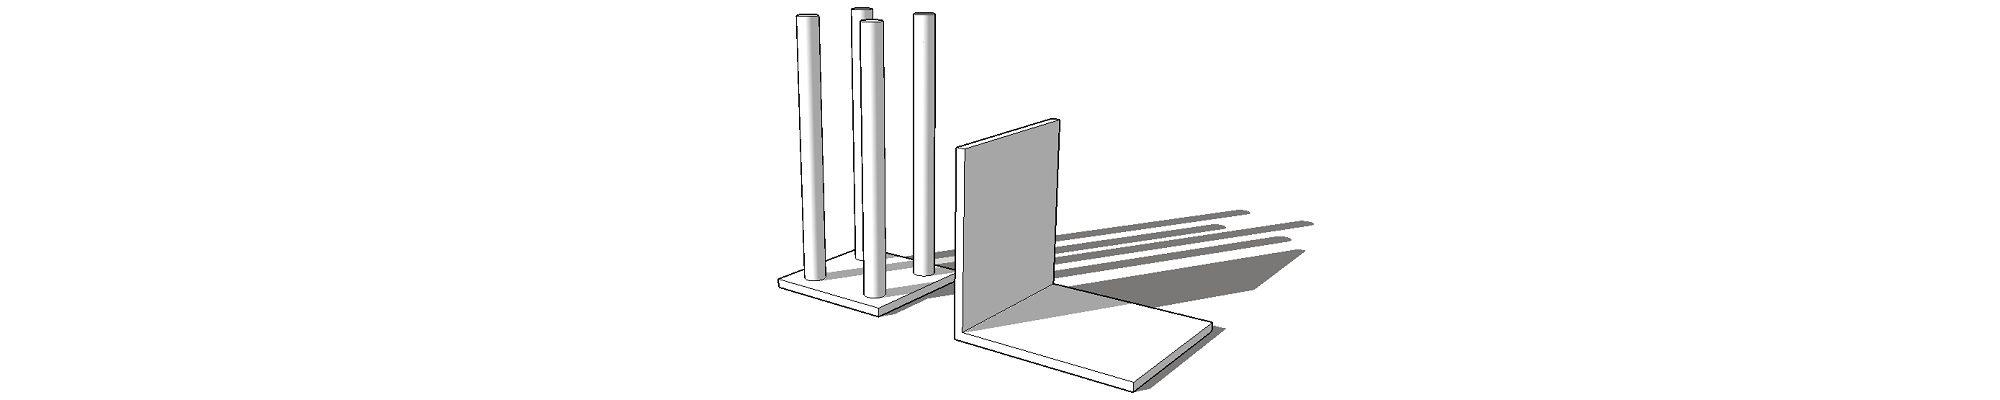 Металлические закладные и элементы каркаса